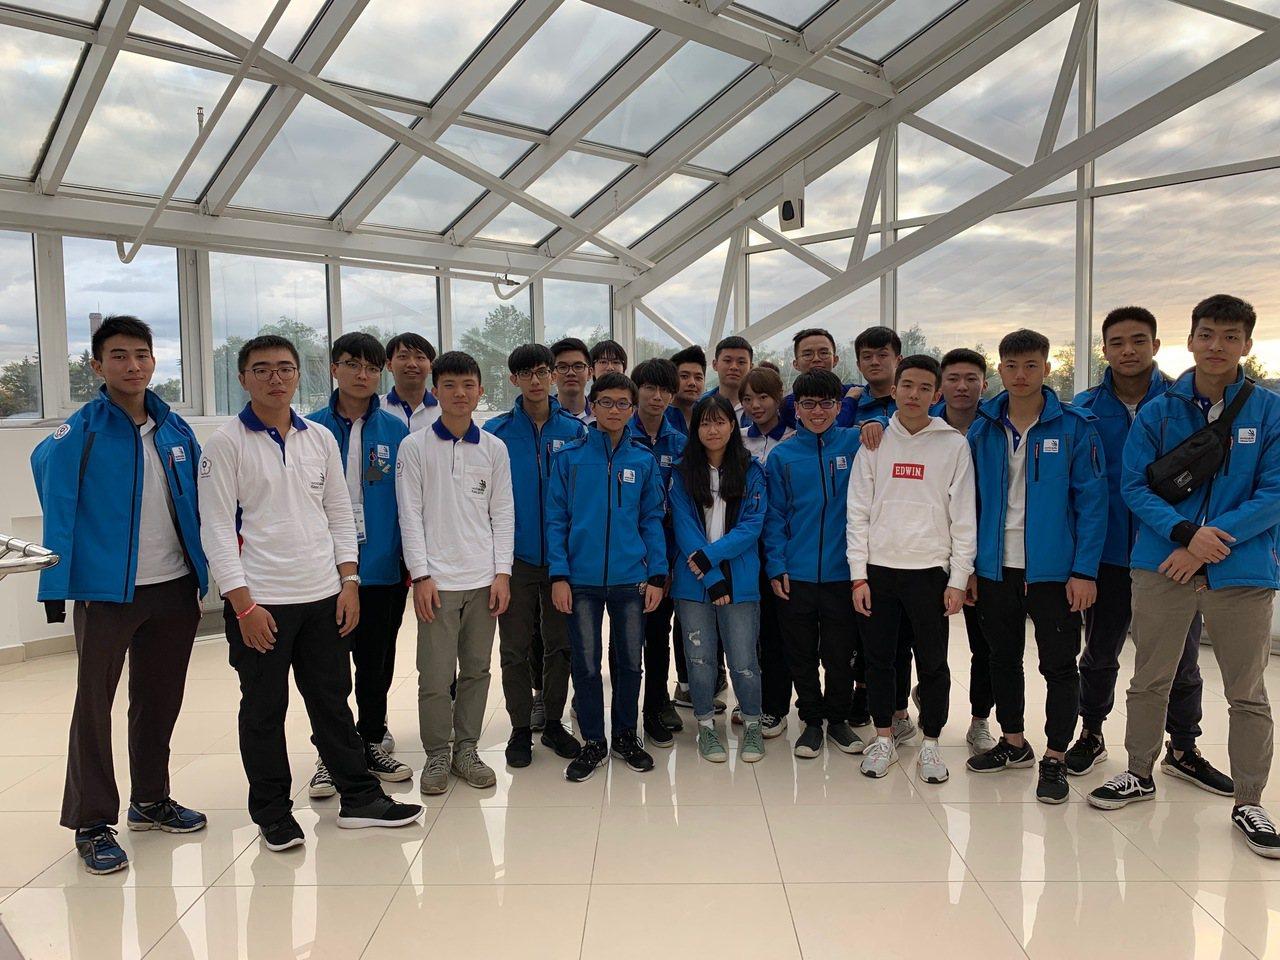 第45屆國際技能競賽在俄羅斯喀山舉行,台灣代表團共獲得5金5銀5銅23優勝的佳績...